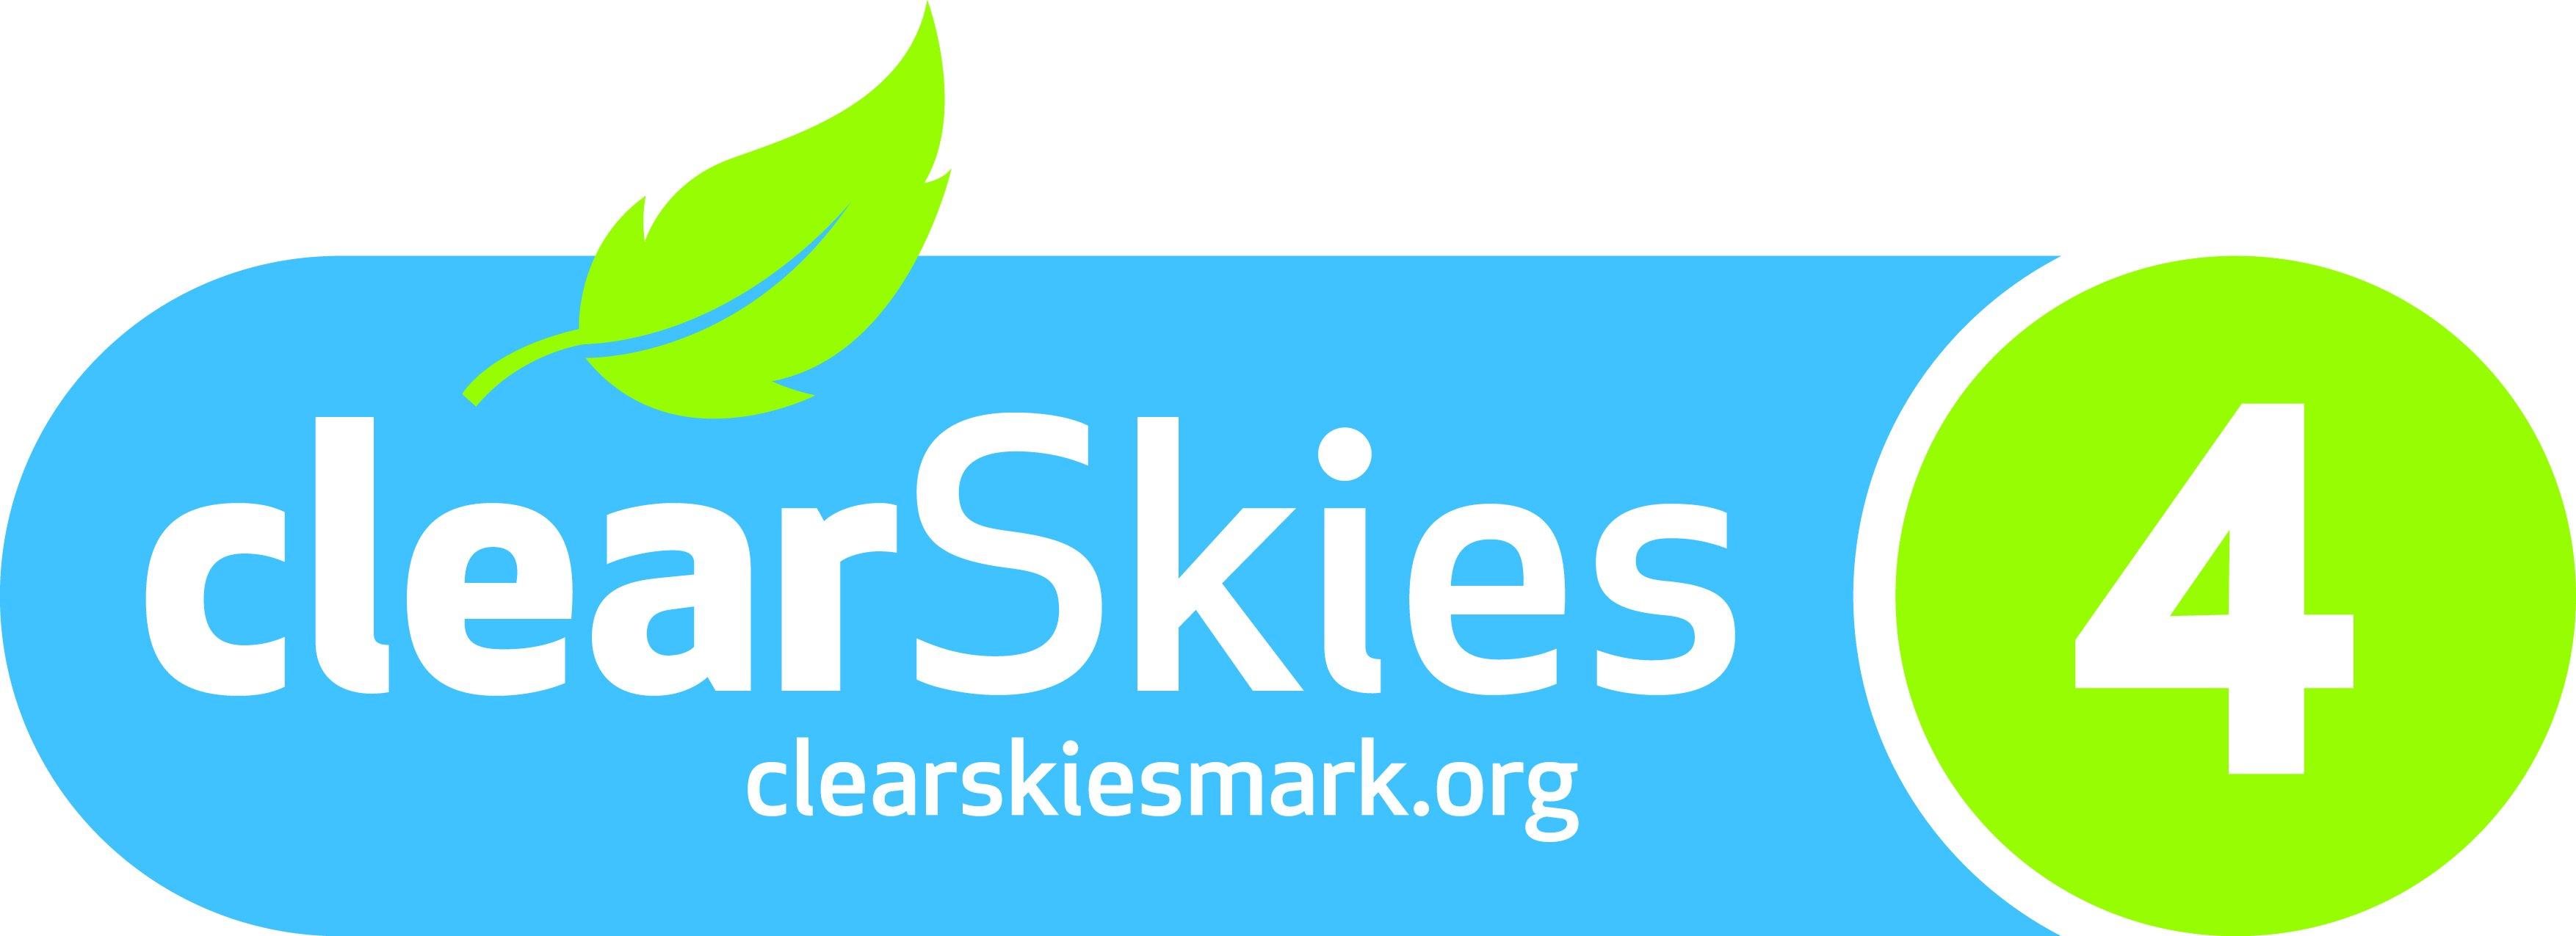 clearskies_rating_4_logo.